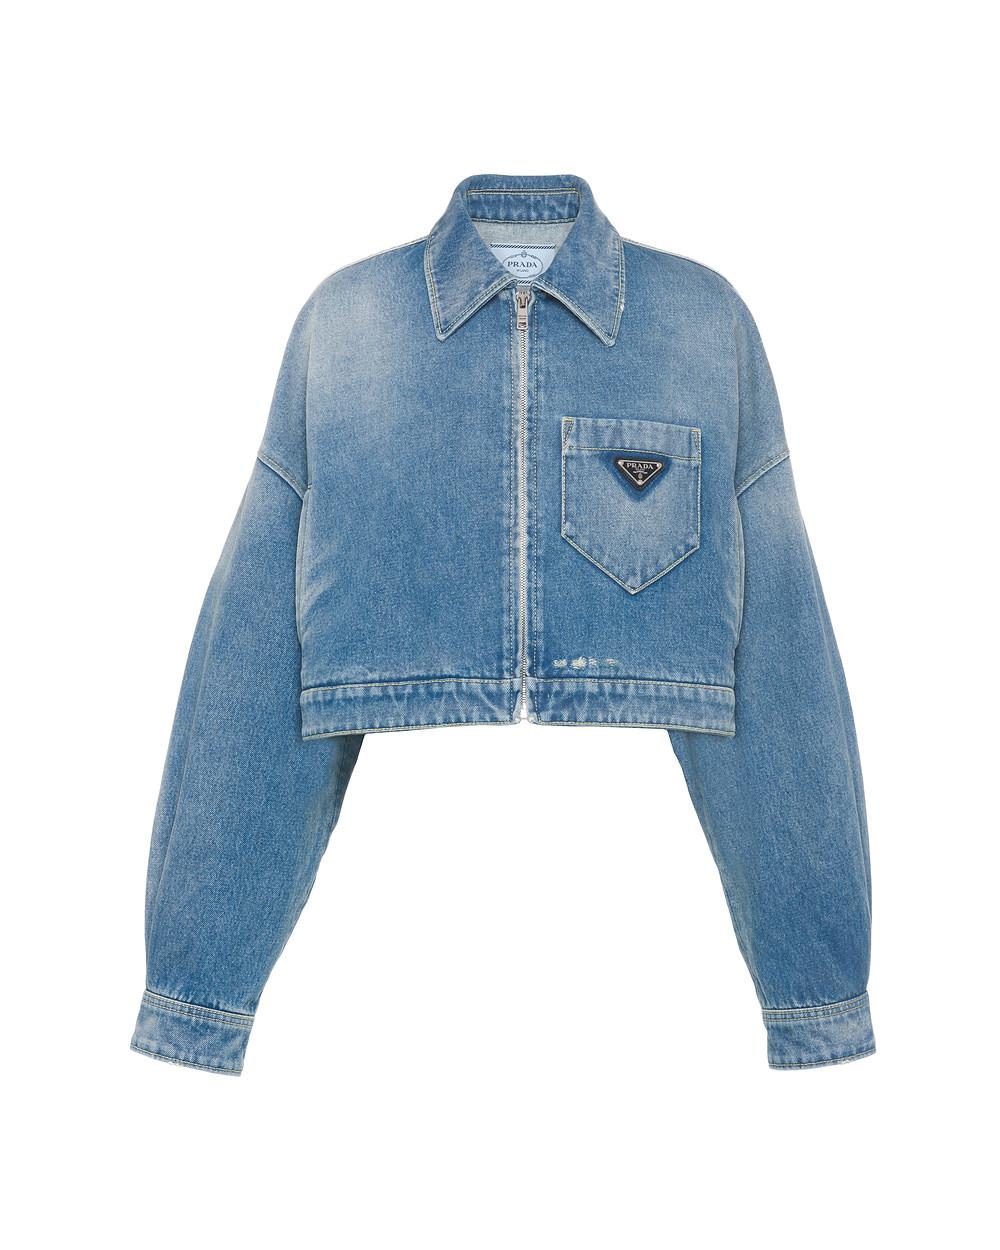 Prada cropped organic denim jacket